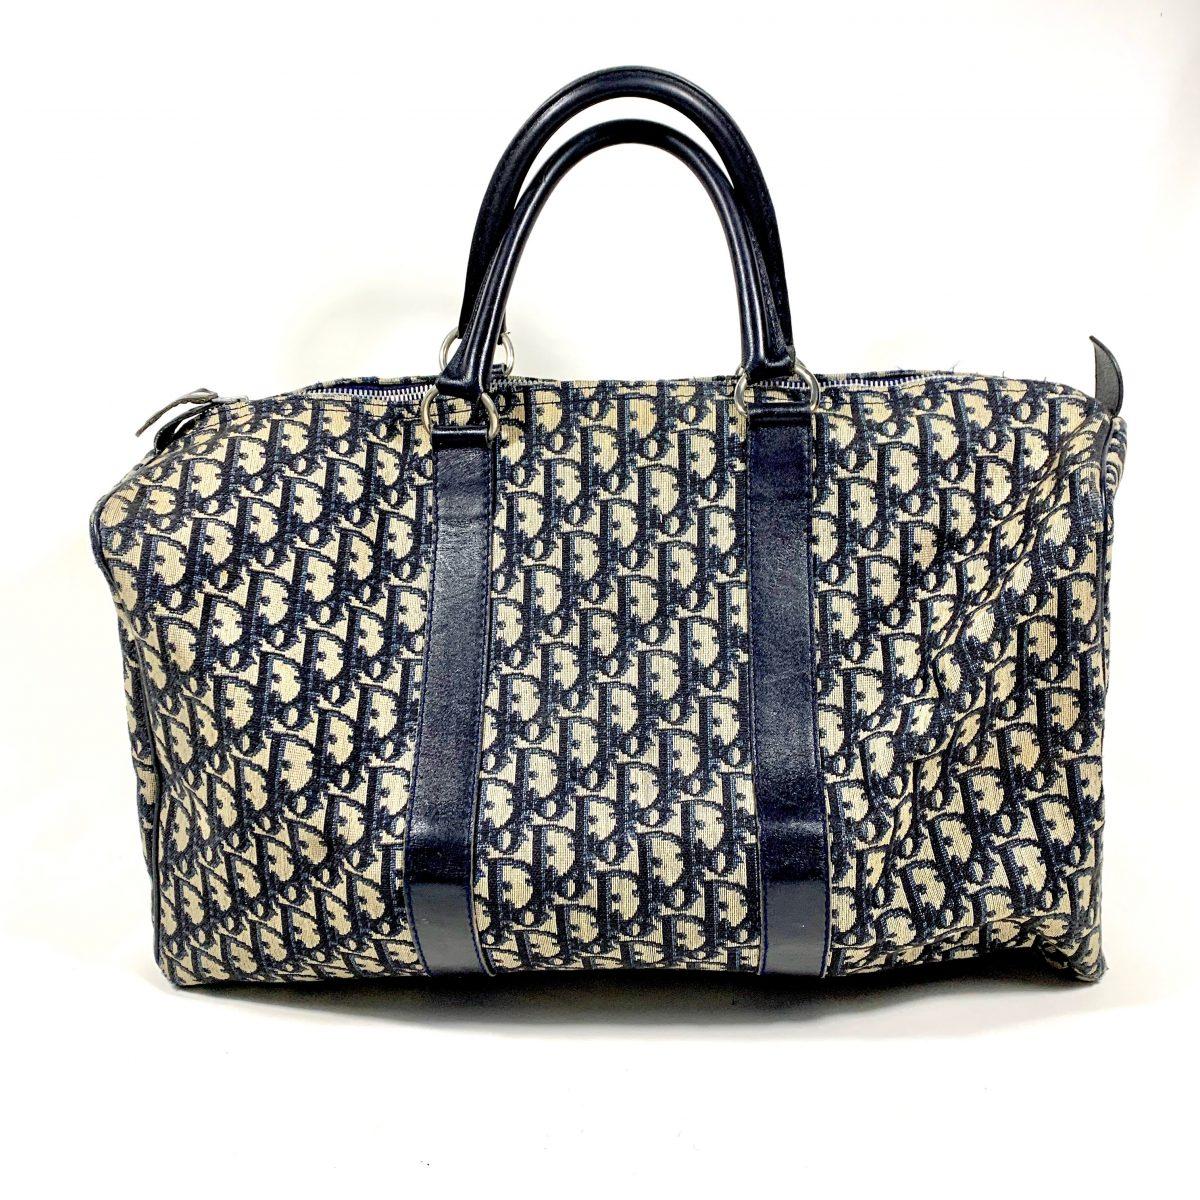 Dior designer bag